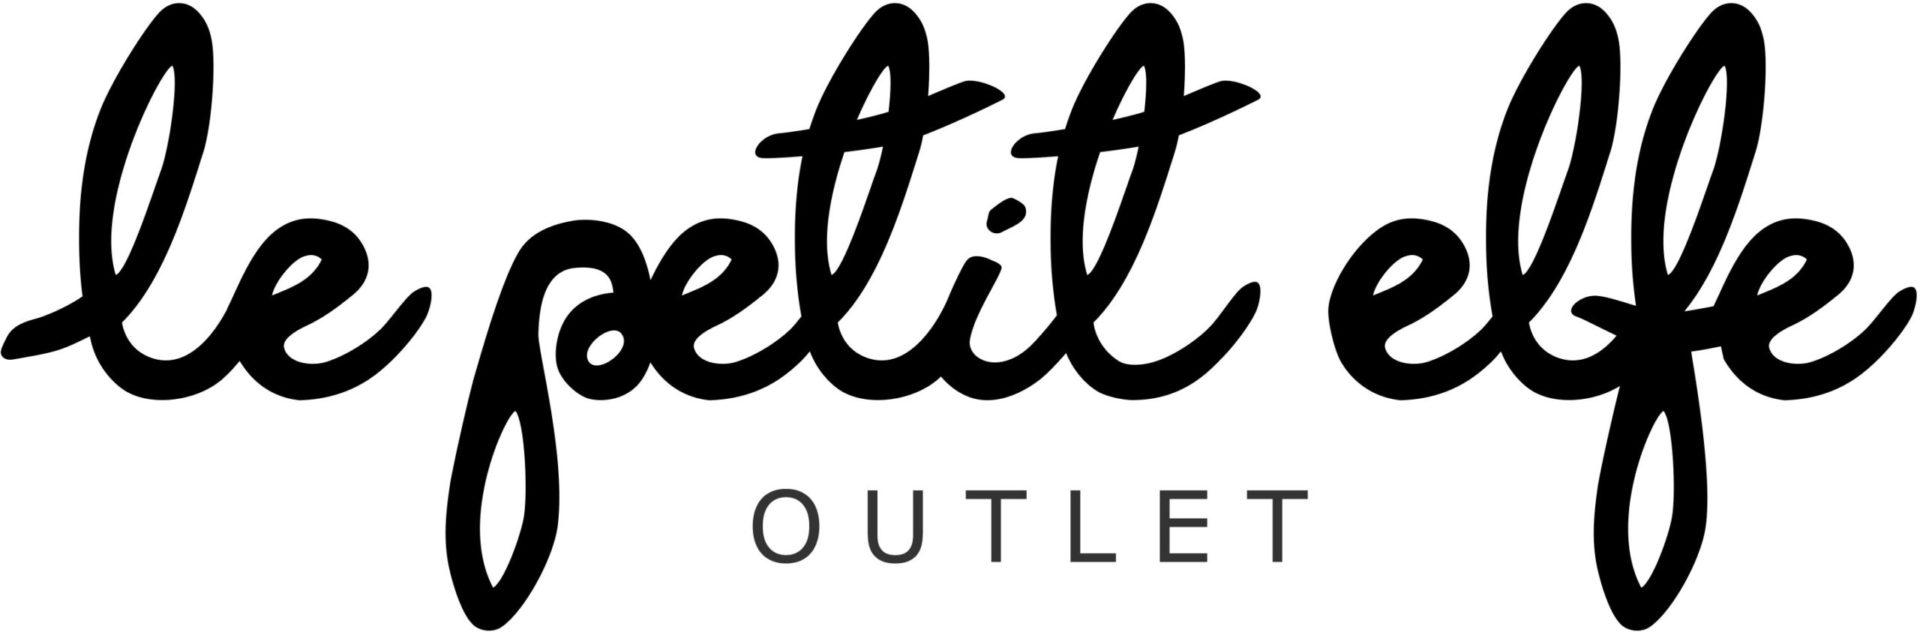 Le Petit Elfe Outlet